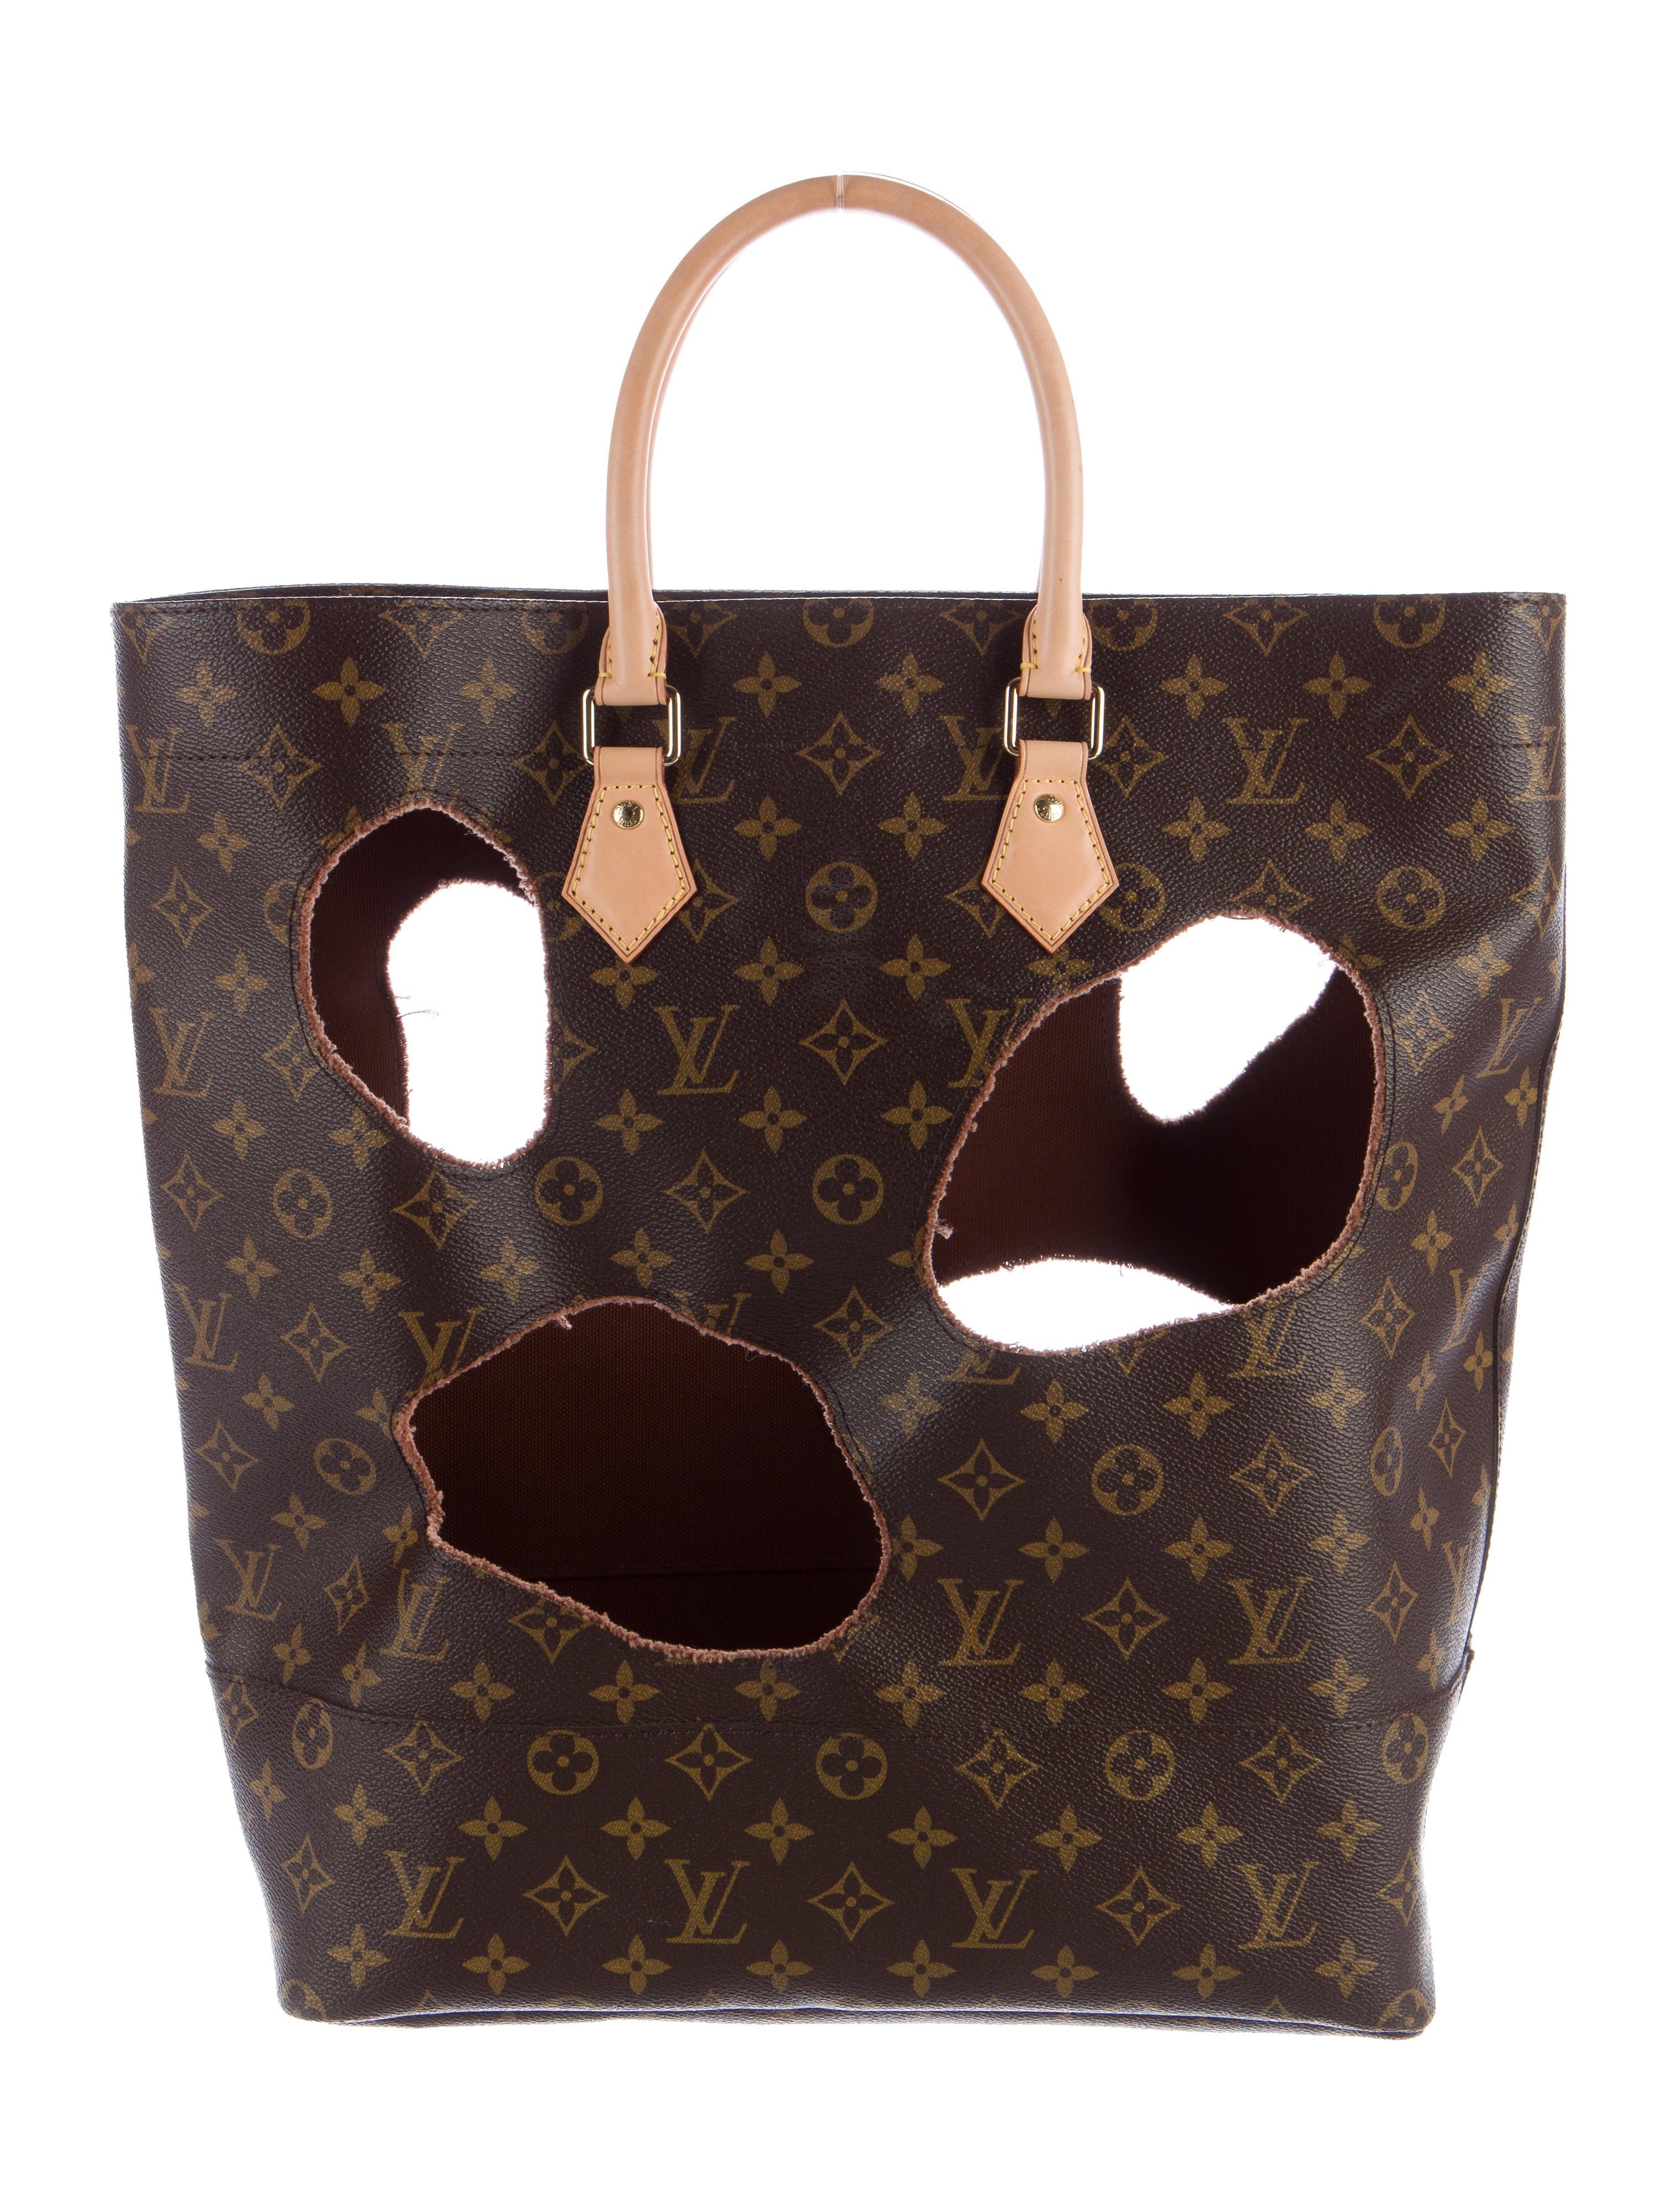 Louis Vuitton Rei Kawakubo Monogram Bag With Holes